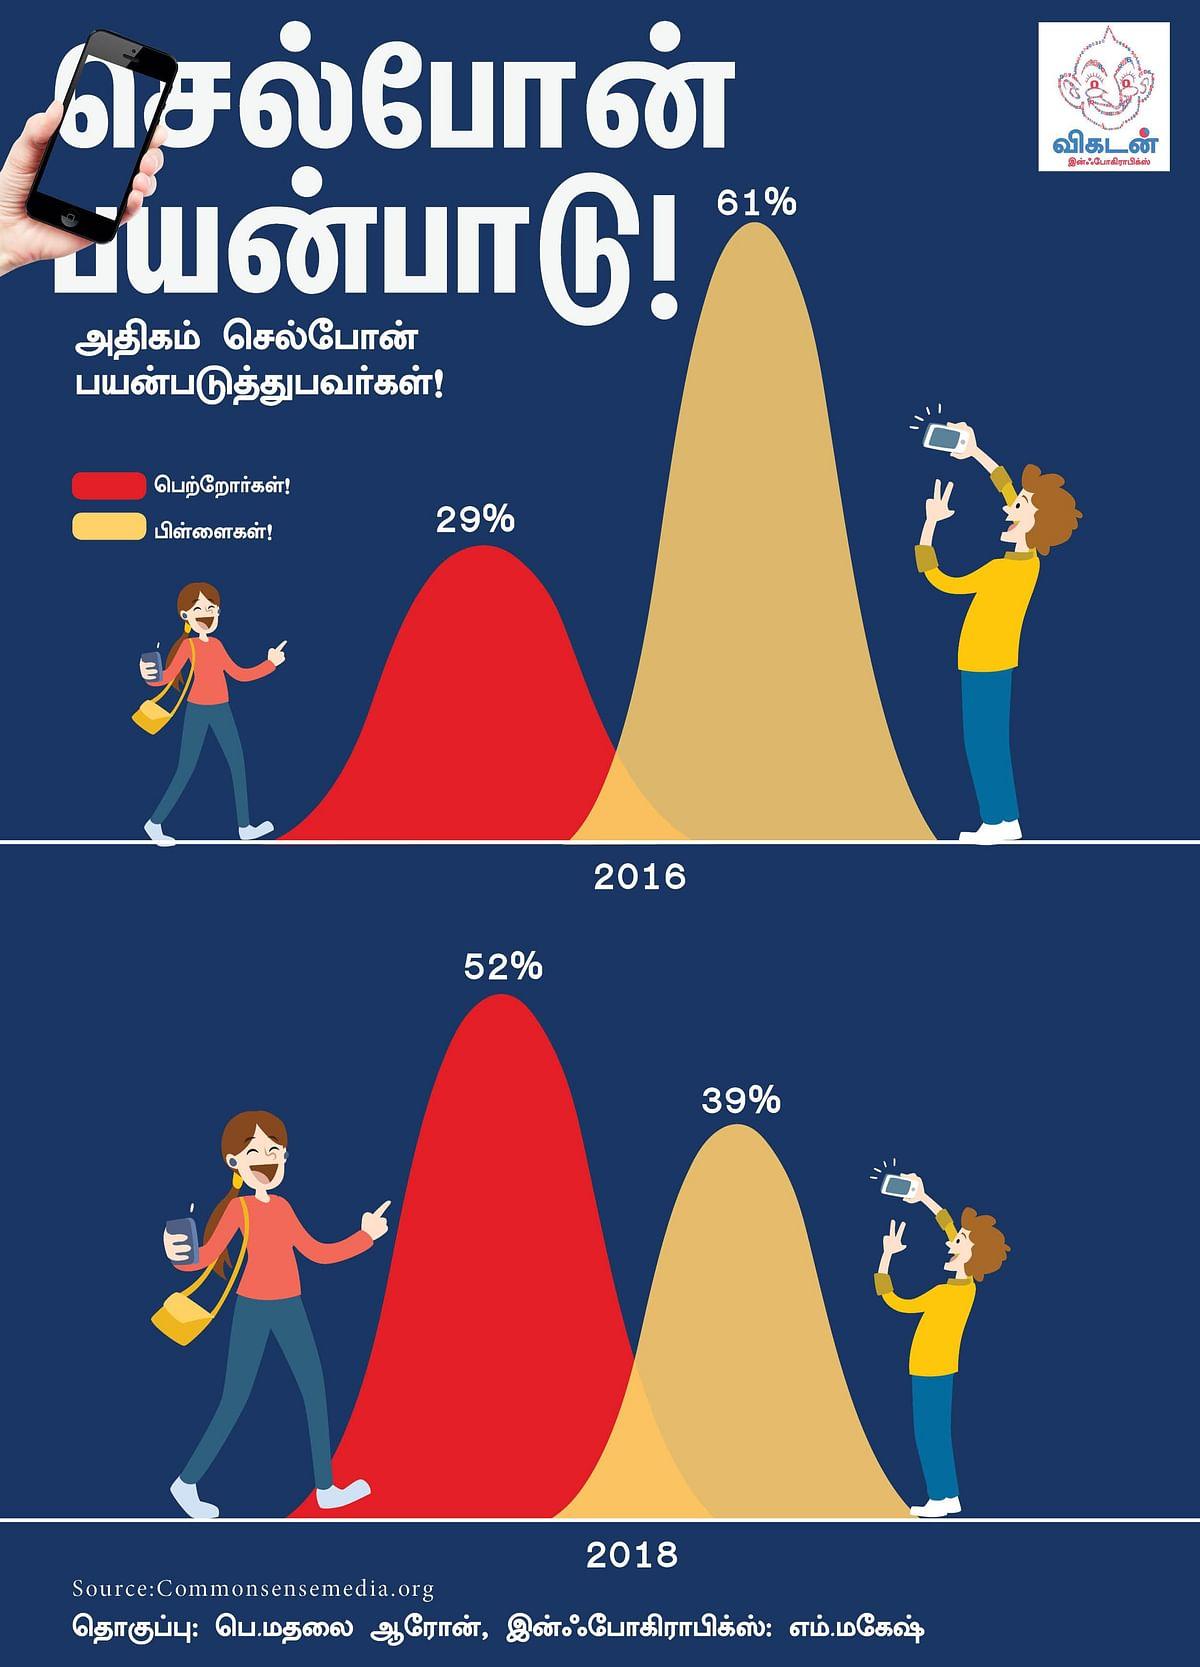 ₹ 1,38,131 கோடி வருமானம்... கேமிங்கில் கூகுளையே ஓரங்கட்டும் டென்சென்ட்! #VikatanInfographics